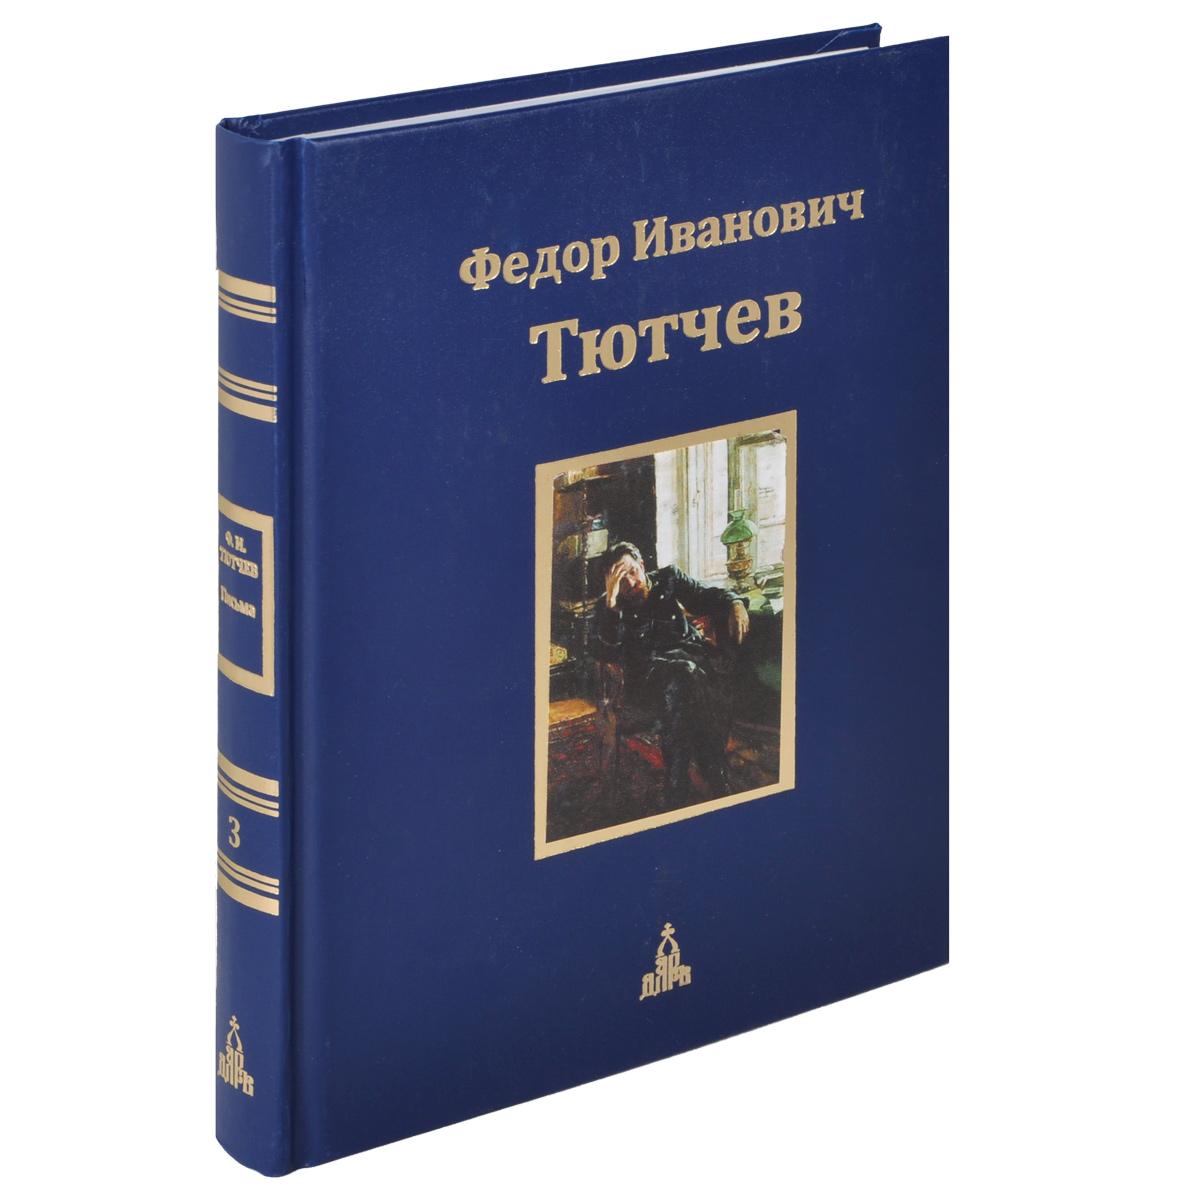 Федор Иванович Тютчев. Юбилейное издание. В 3 томах. Том 3